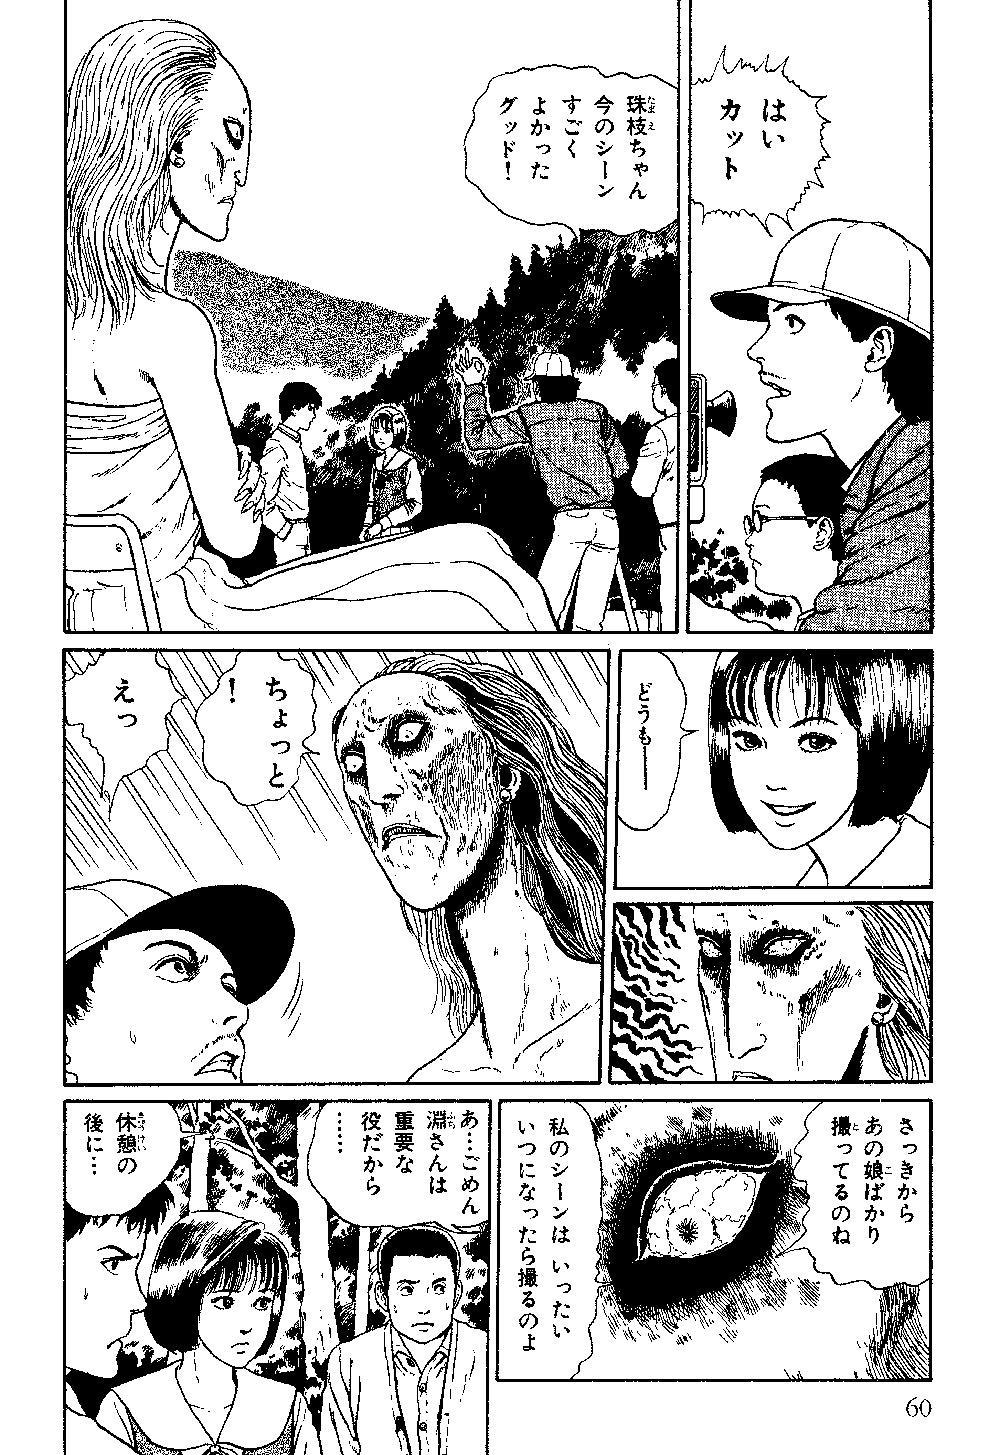 itouj_0006_0062.jpg